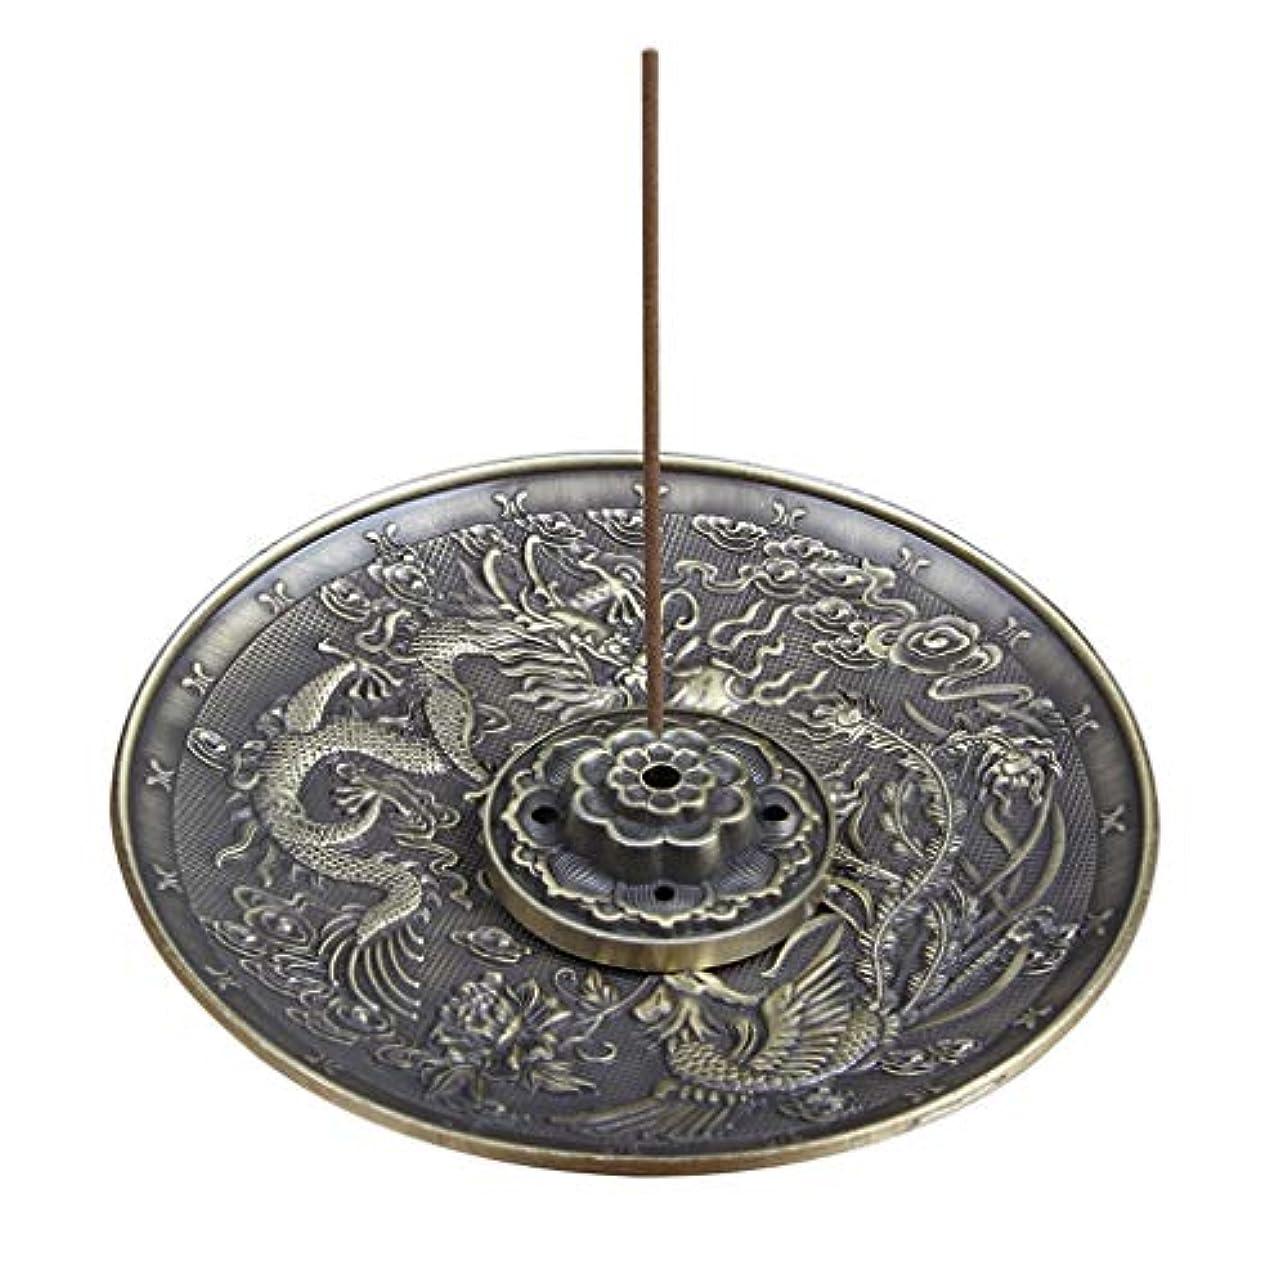 与える換気する容赦ない合金のお香ホルダーロータススティックお香バーナードラゴンとフェニックスコーンのお香ホルダーアッシュキャッチャー付き逆流5穴 (Color : Bronze, サイズ : 3.77*0.51inches)